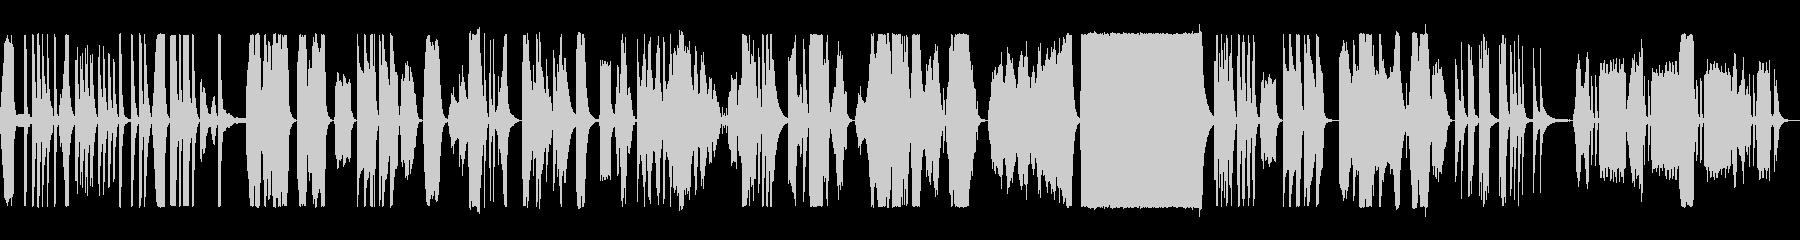 クラシック サスペンス 技術的な ...の未再生の波形